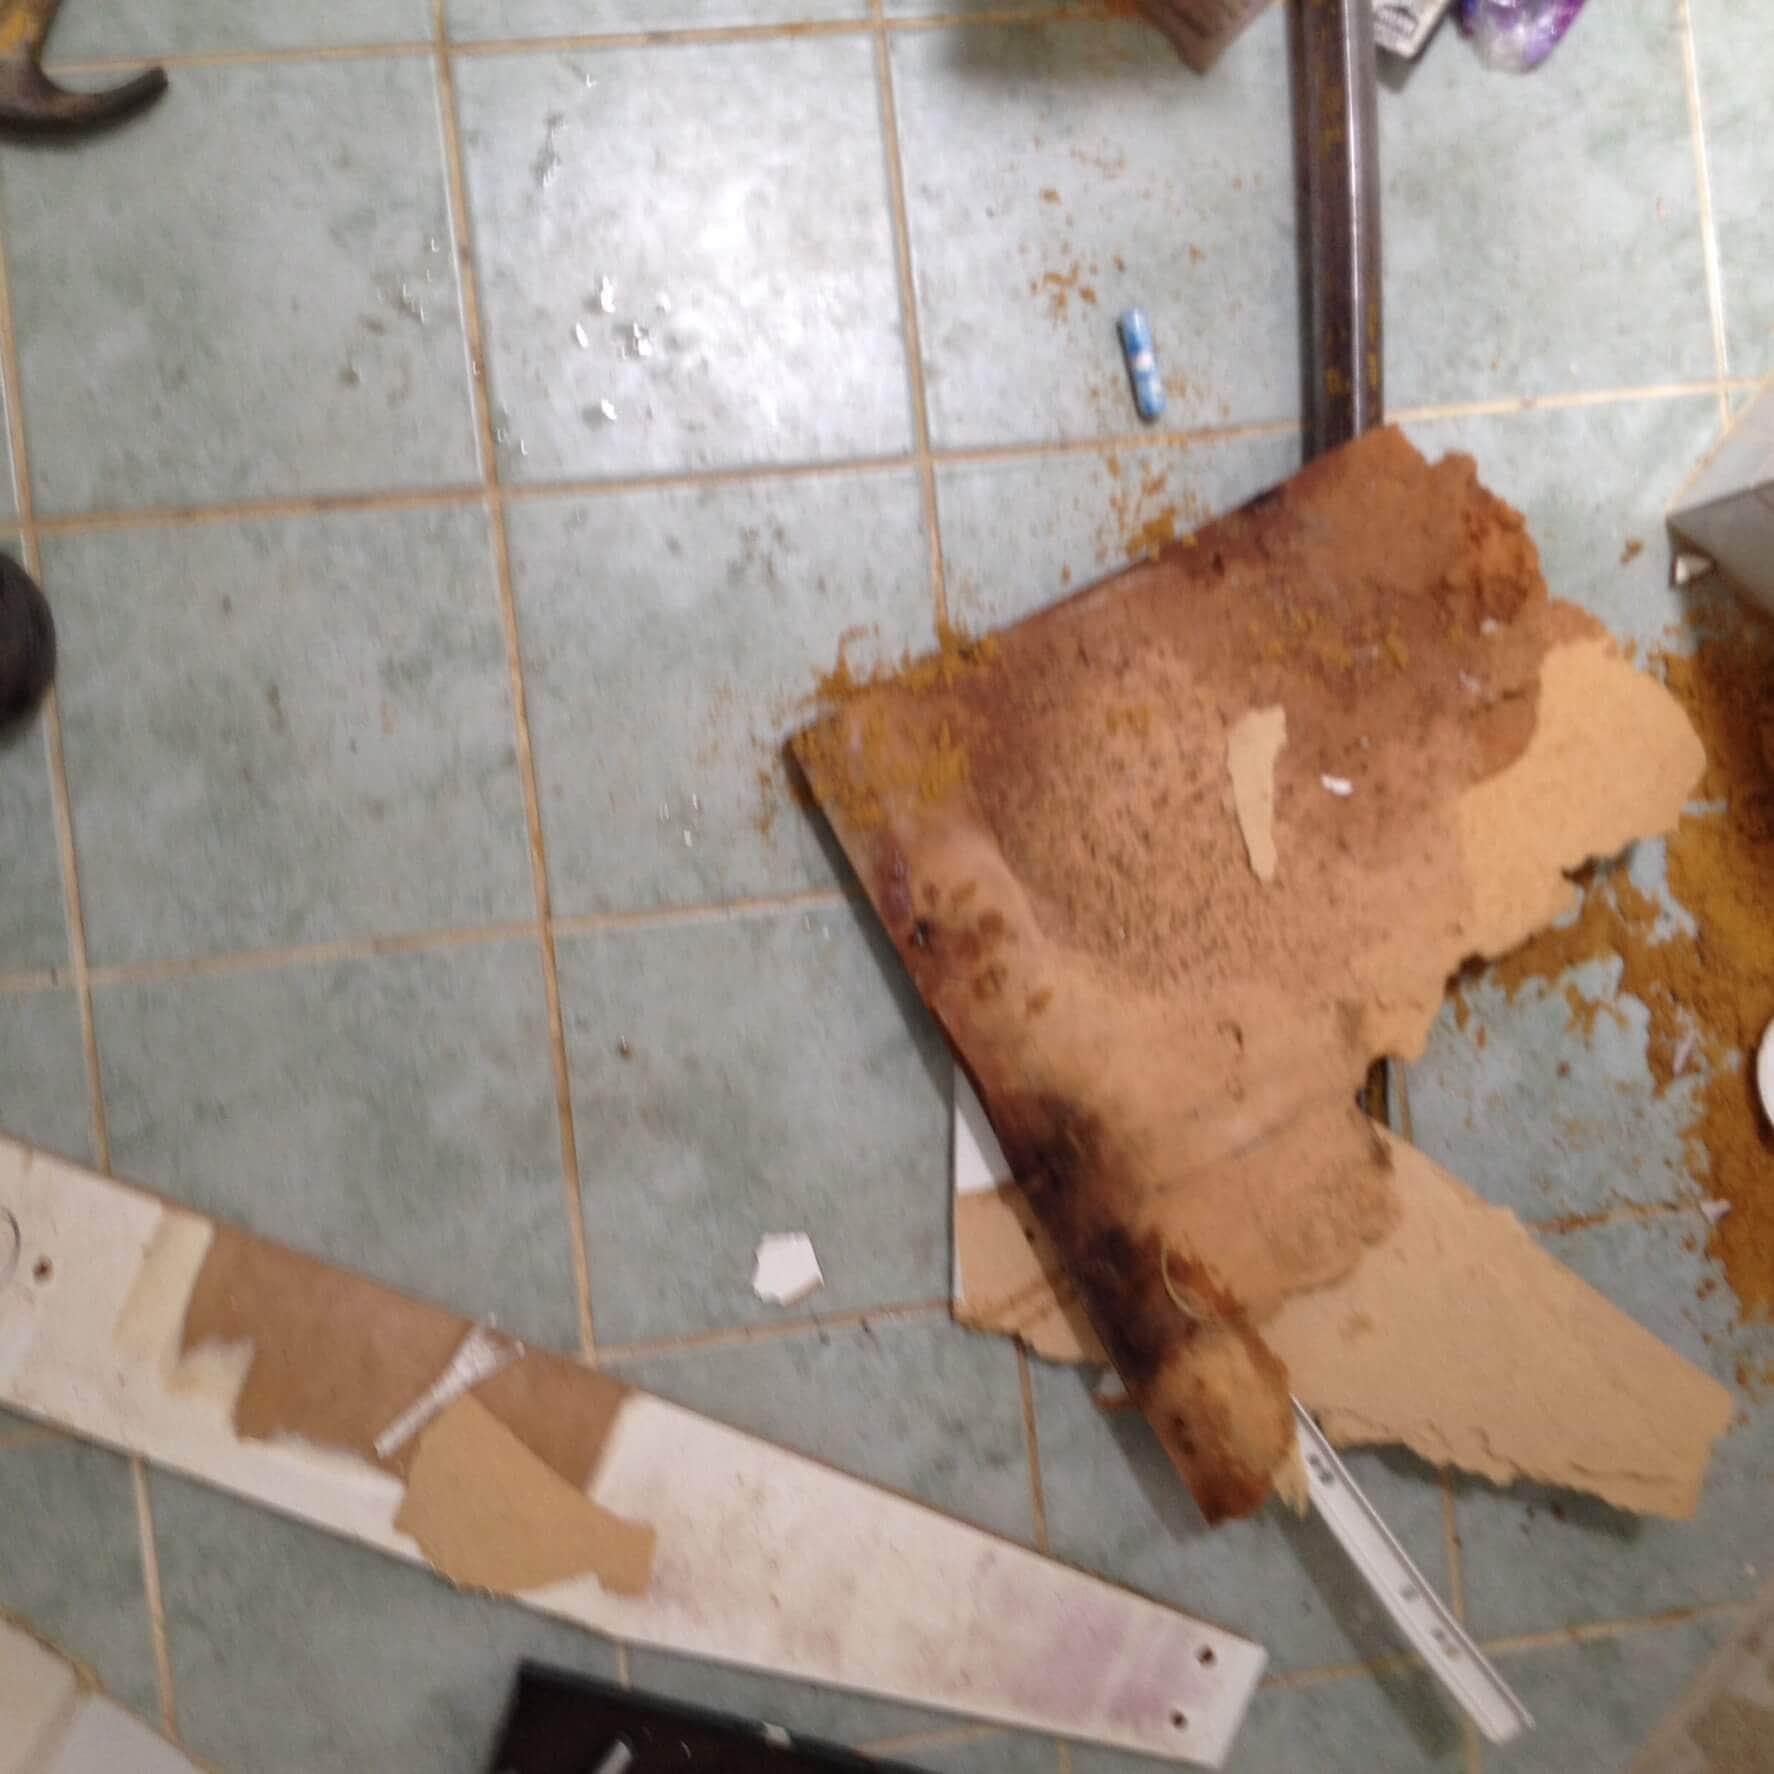 Everyday Plumbers Residential Vanity Basin Repairs - Basin Repair in Progress 0390